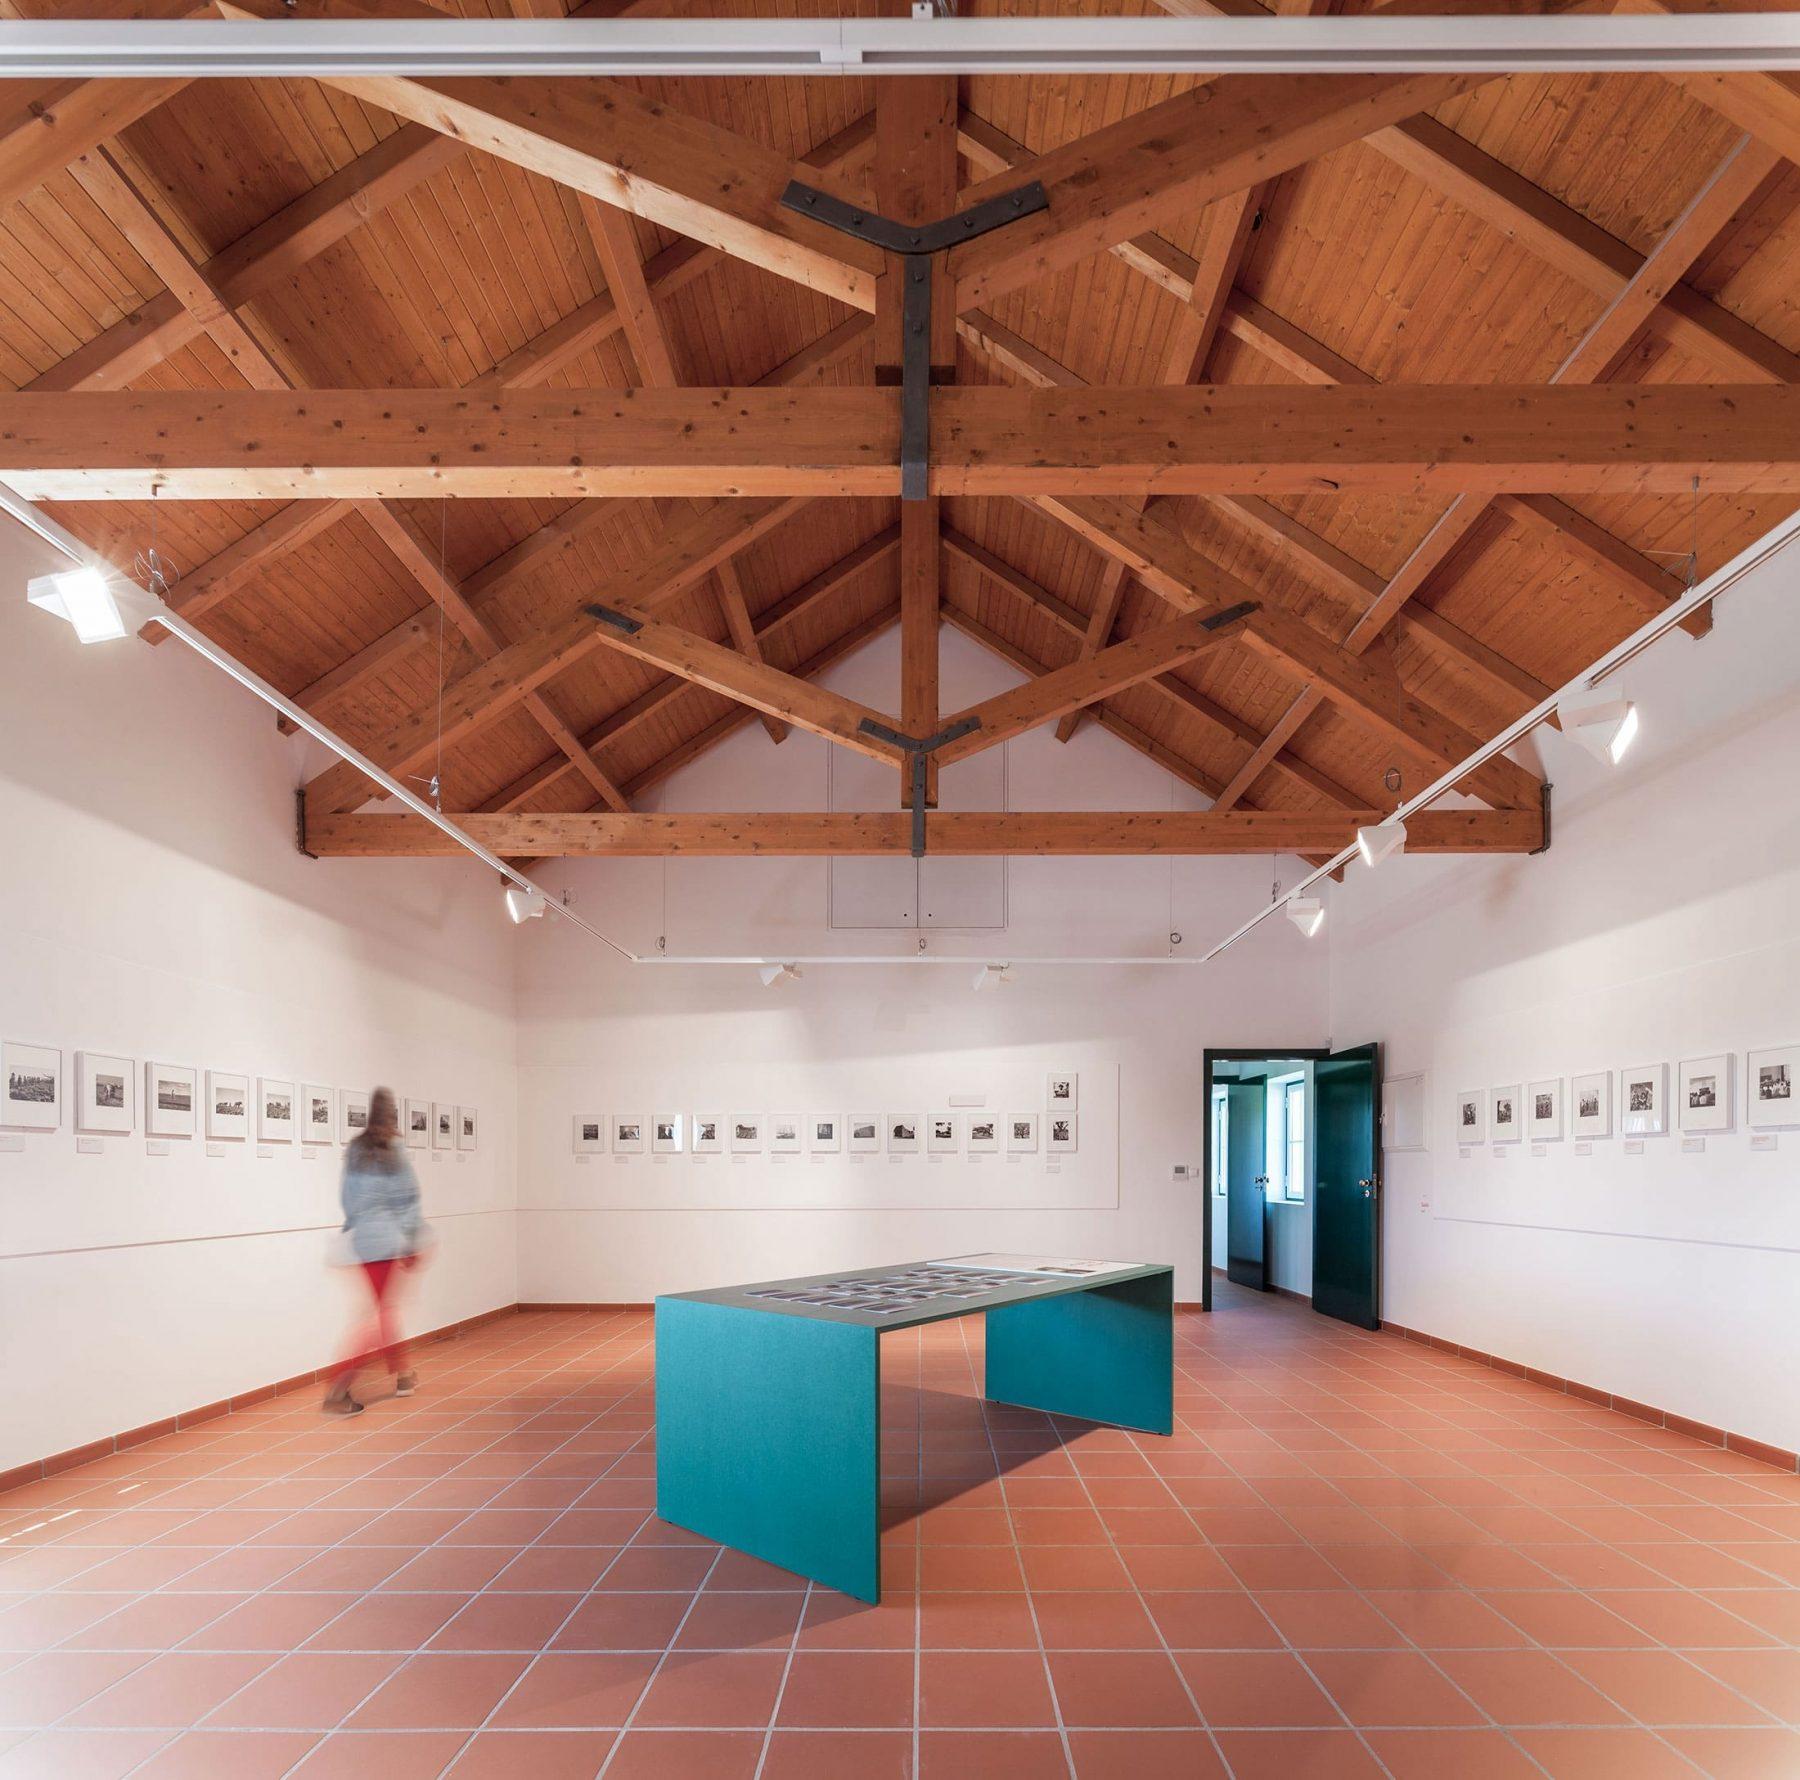 dc ad museum barroca architecture 11